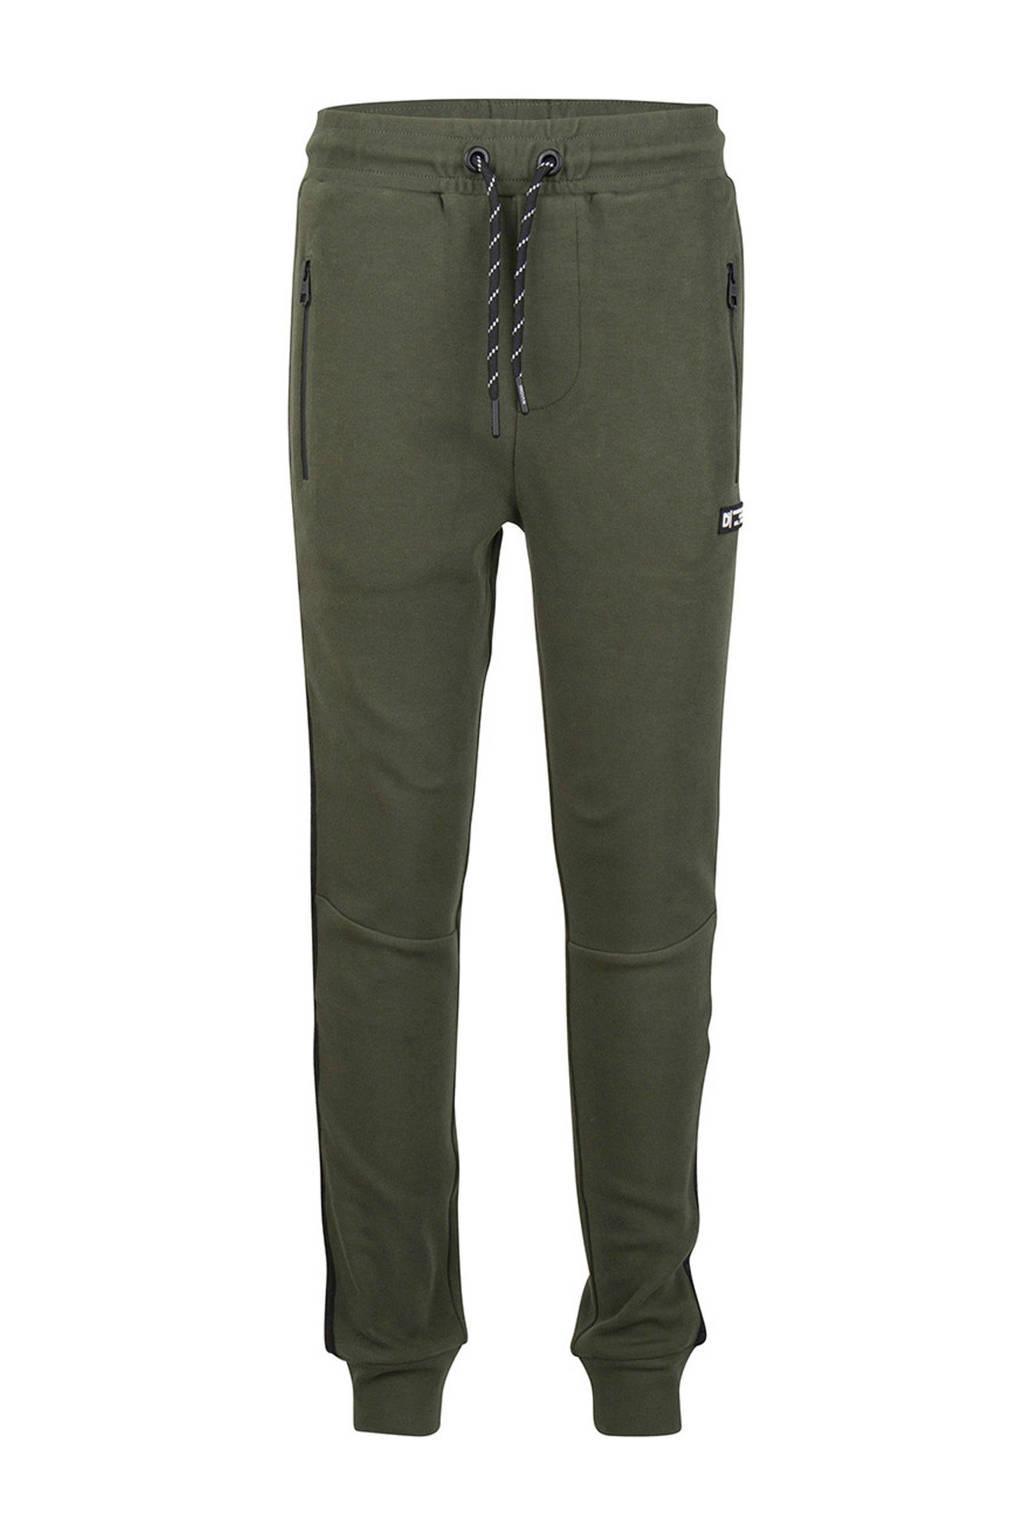 Indian Blue Jeans skinny broek met zijstreep army groen, Army groen